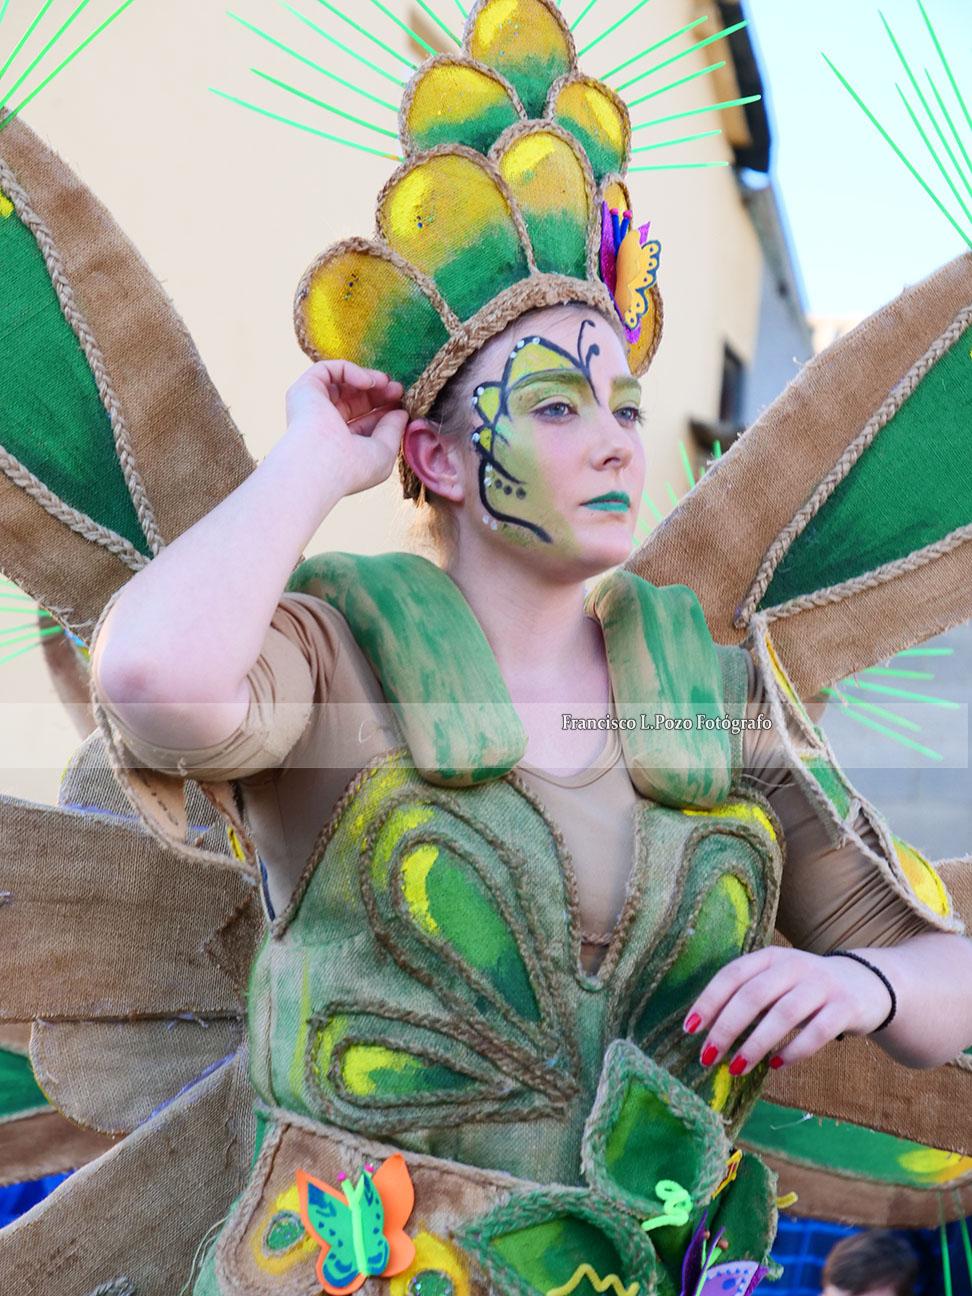 Carnaval 2020: Camponaraya sale a la calle a ritmo de comparsa 90